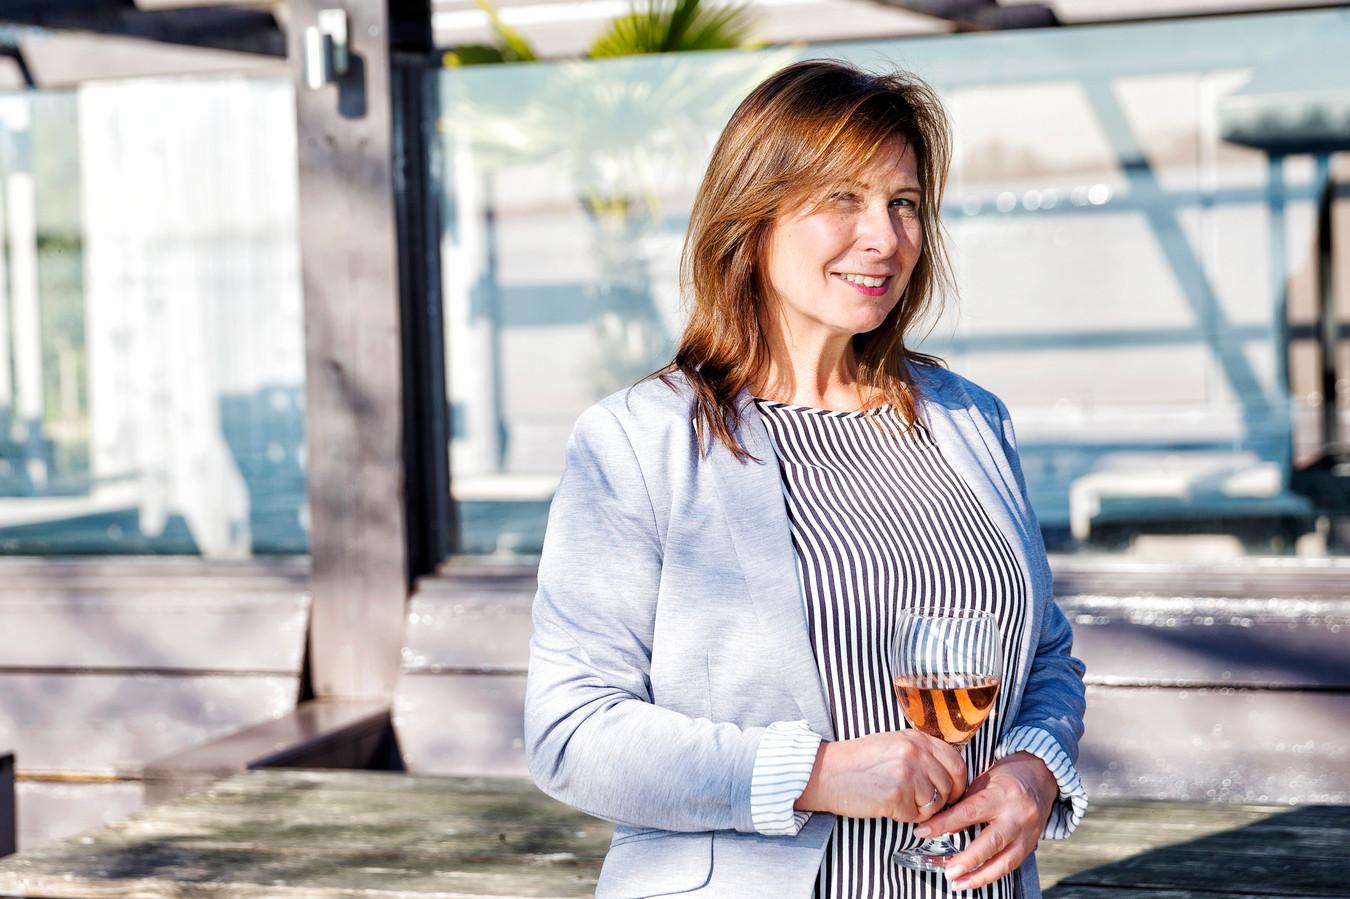 Karina Johannes heeft onder het pseudoniem Quizas een boek geschreven met datingtips, gebaseerd op haar eigen, wilde ervaringen.